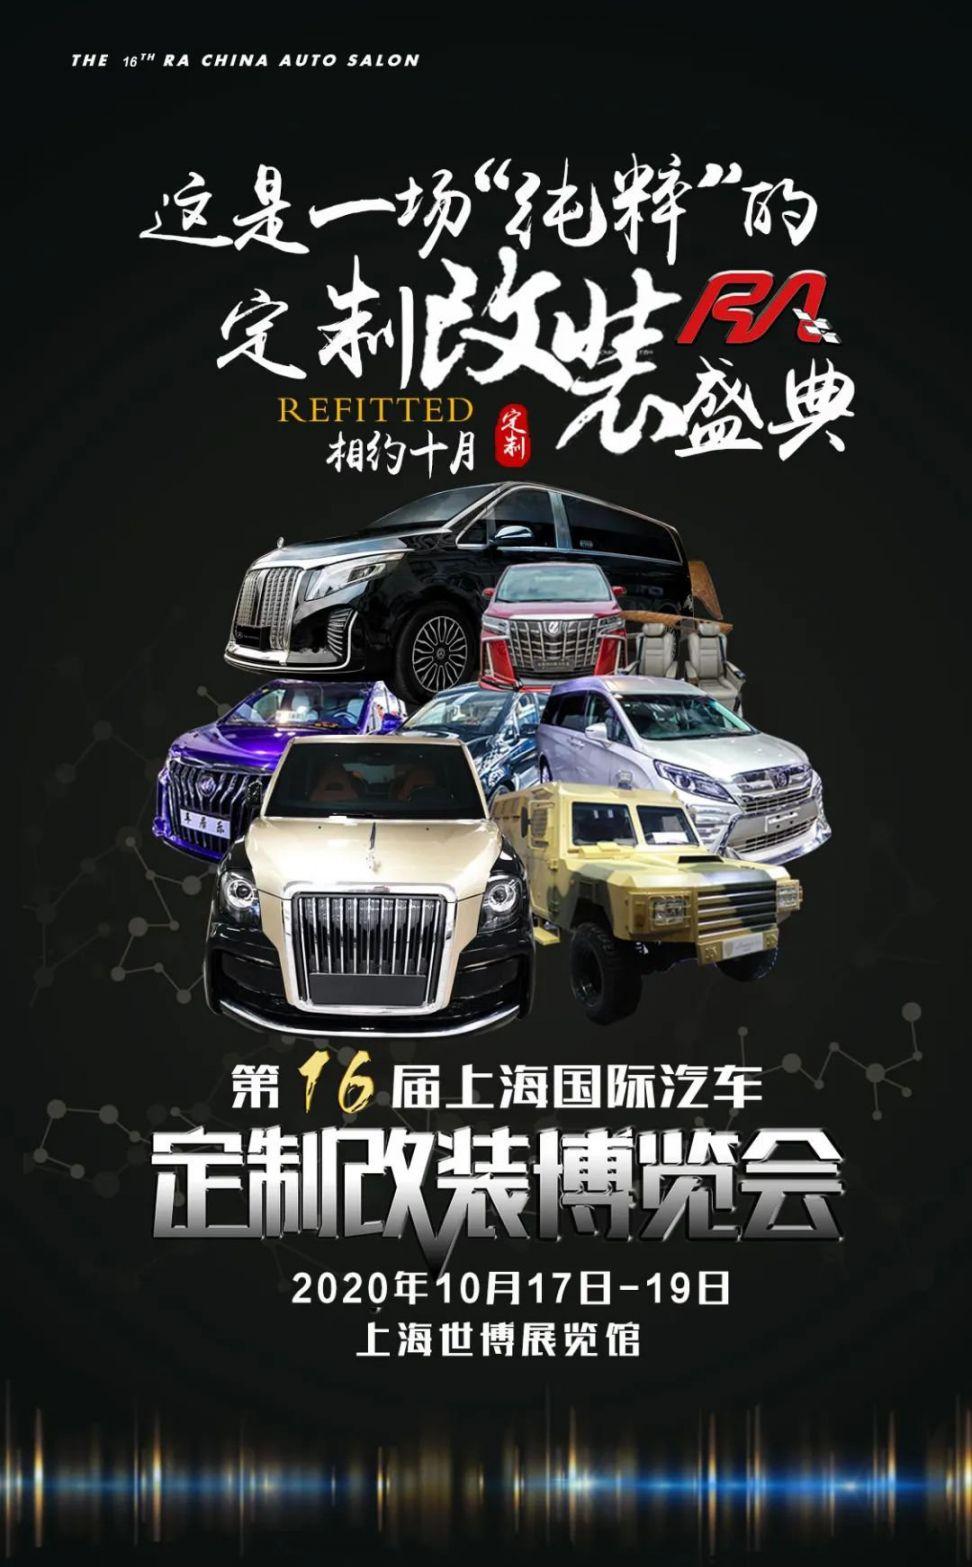 上海改装车展2020年的日期(附入场时间)